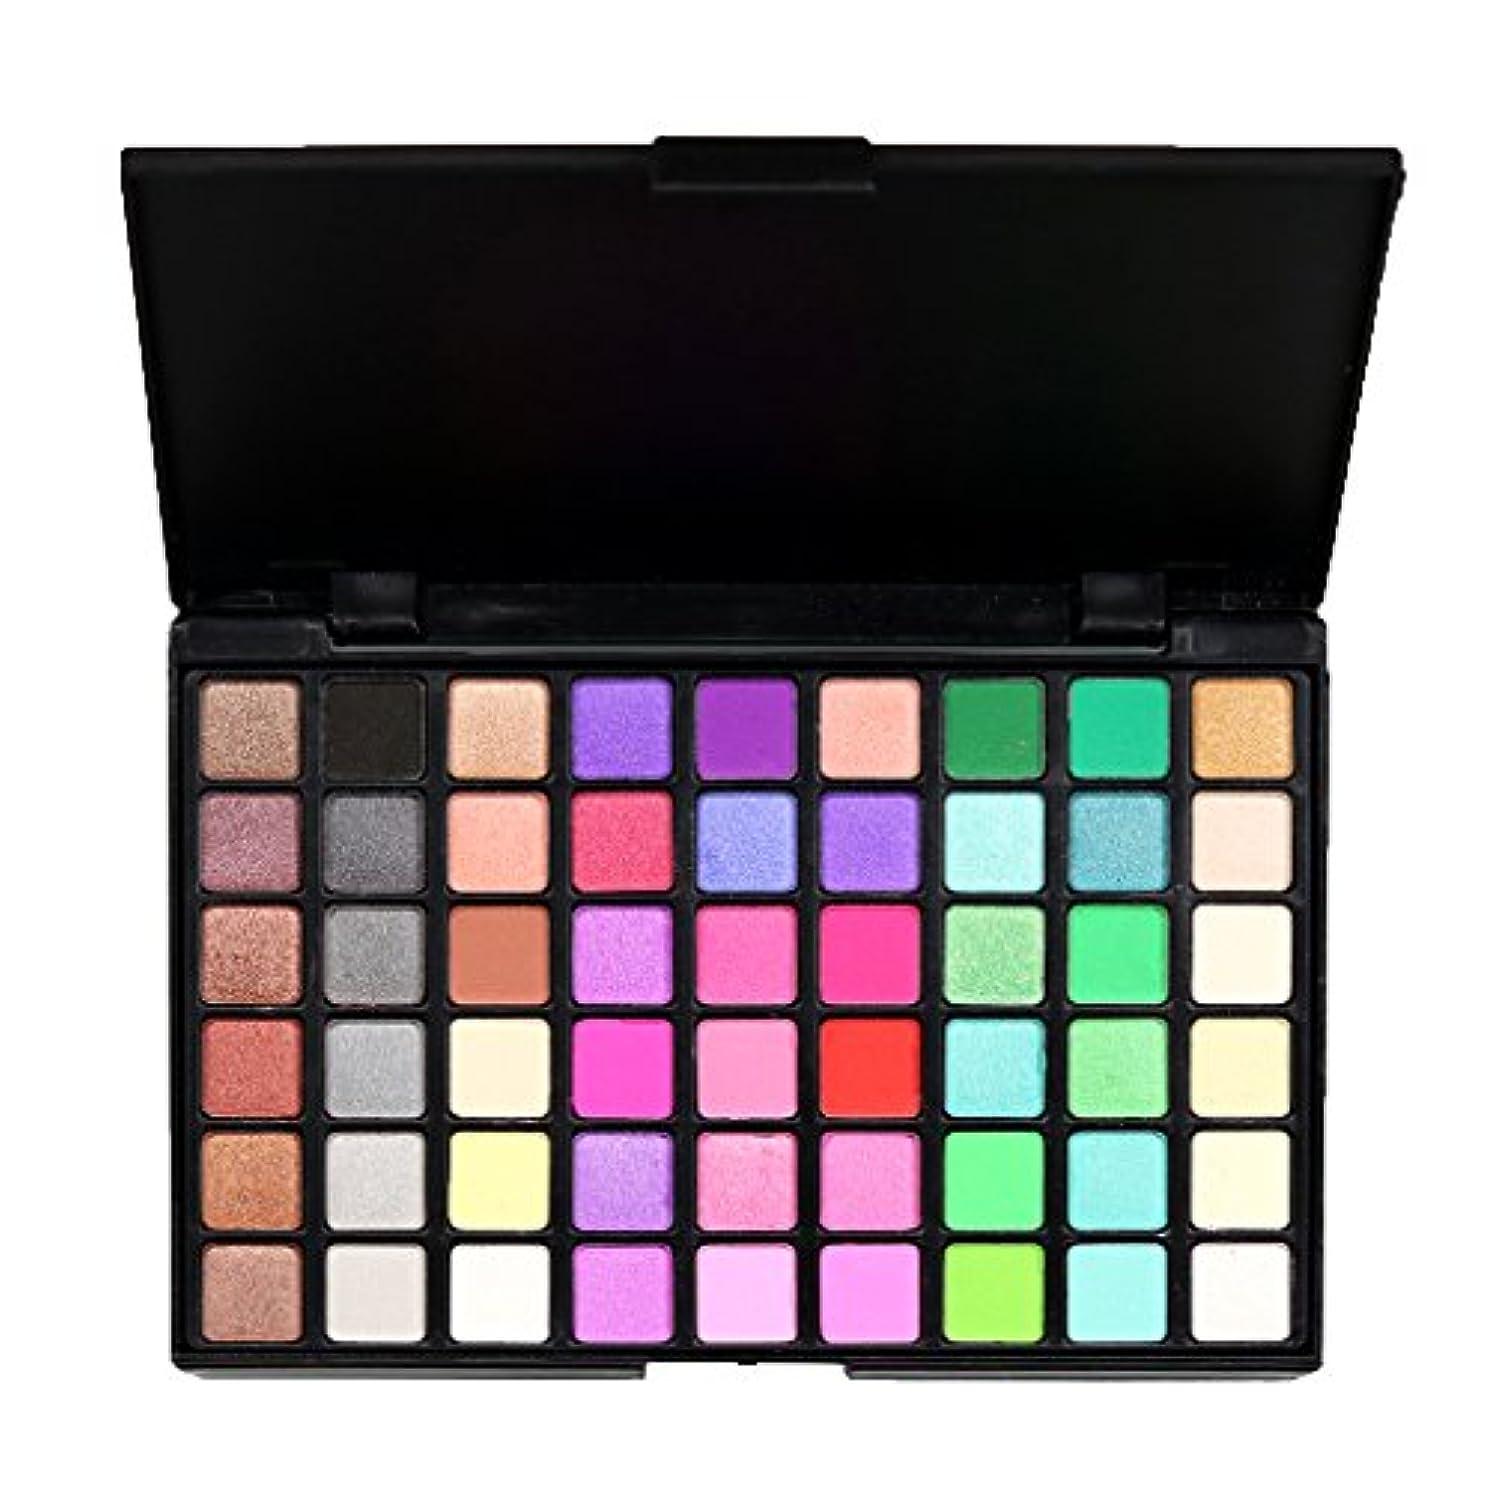 購入高音テラス54色 化粧品 パウダー アイシャドウ パレット マット シマー 魅力的 全2種類 - #2